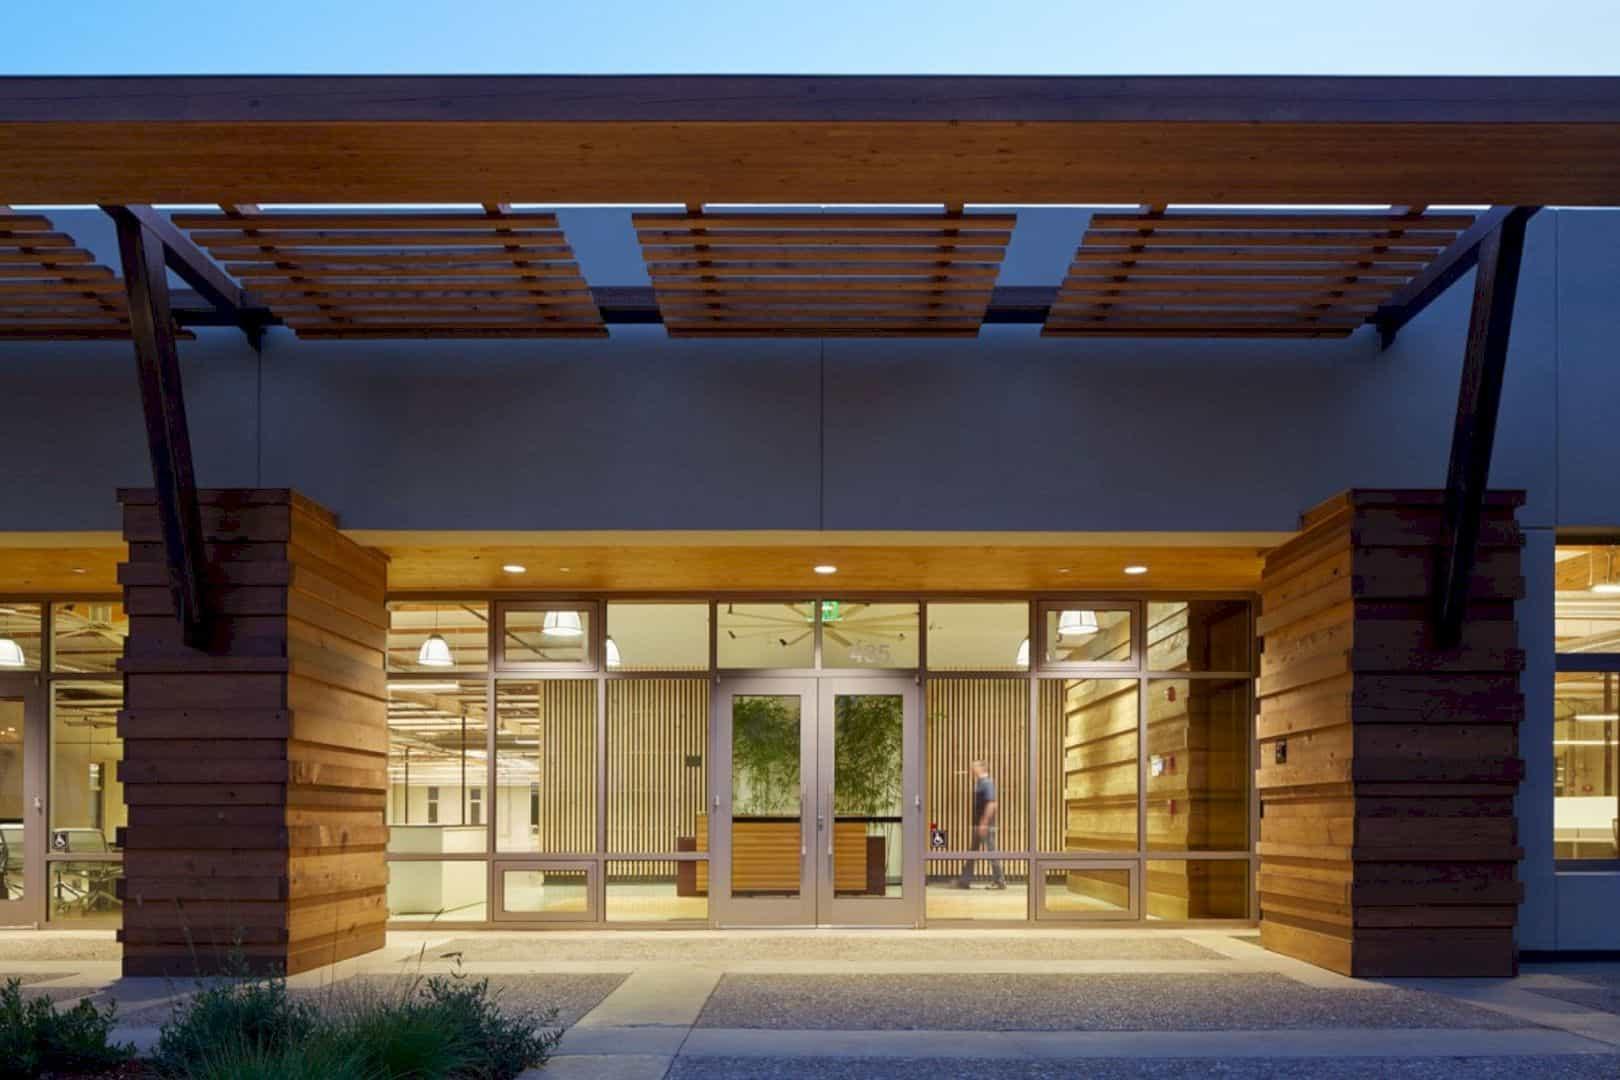 435 Indio Way Net Zero Energy Offices In Sunnyvale 2